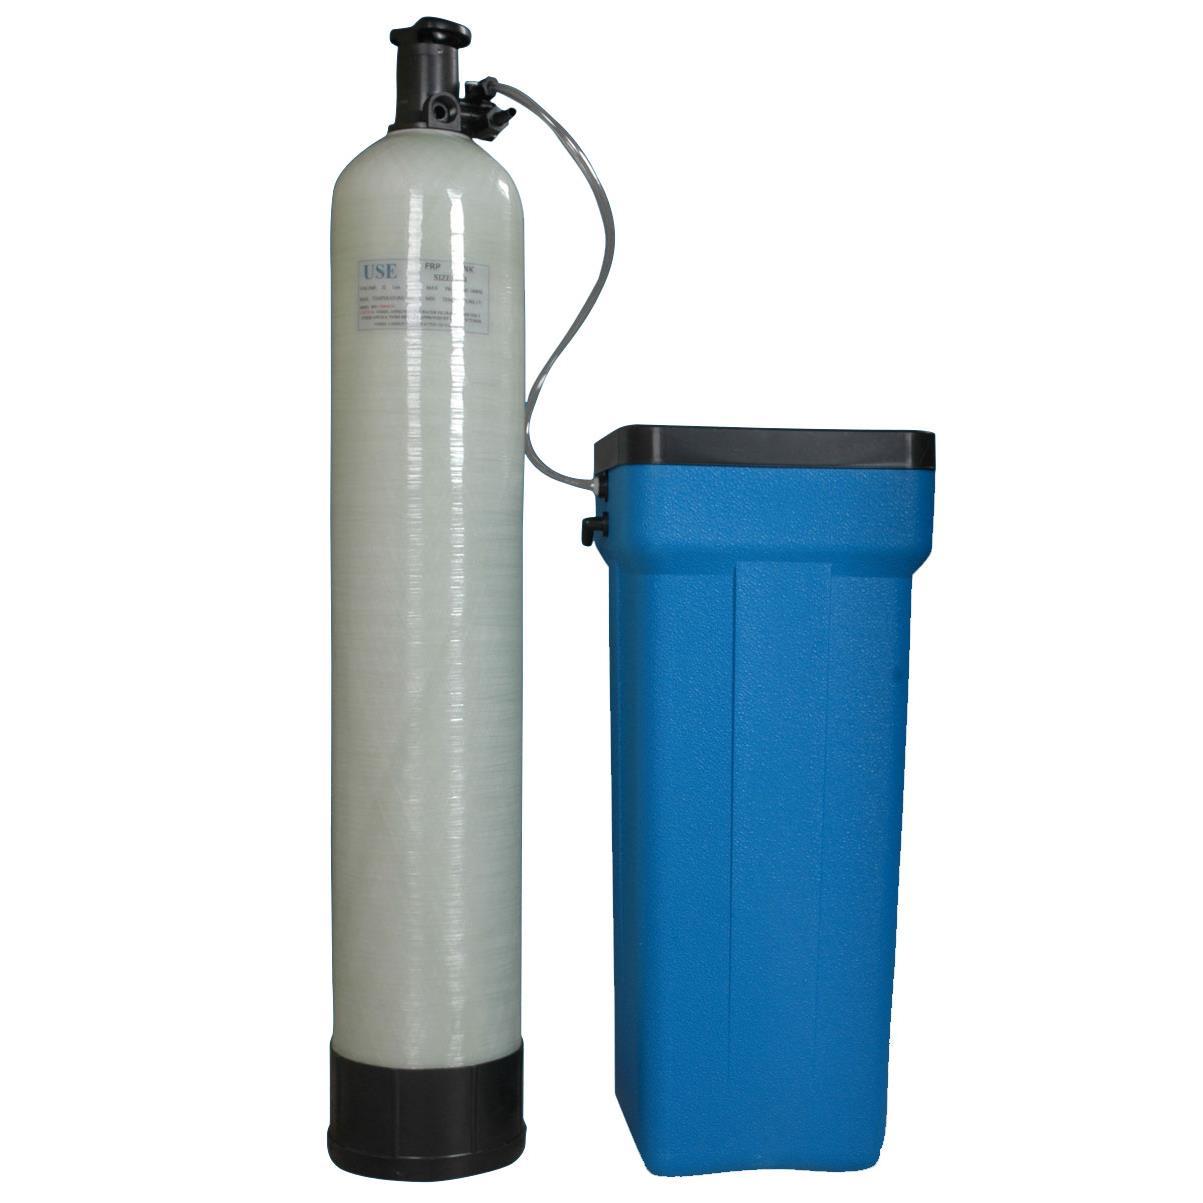 Hệ thống làm mềm nước BB-LM01